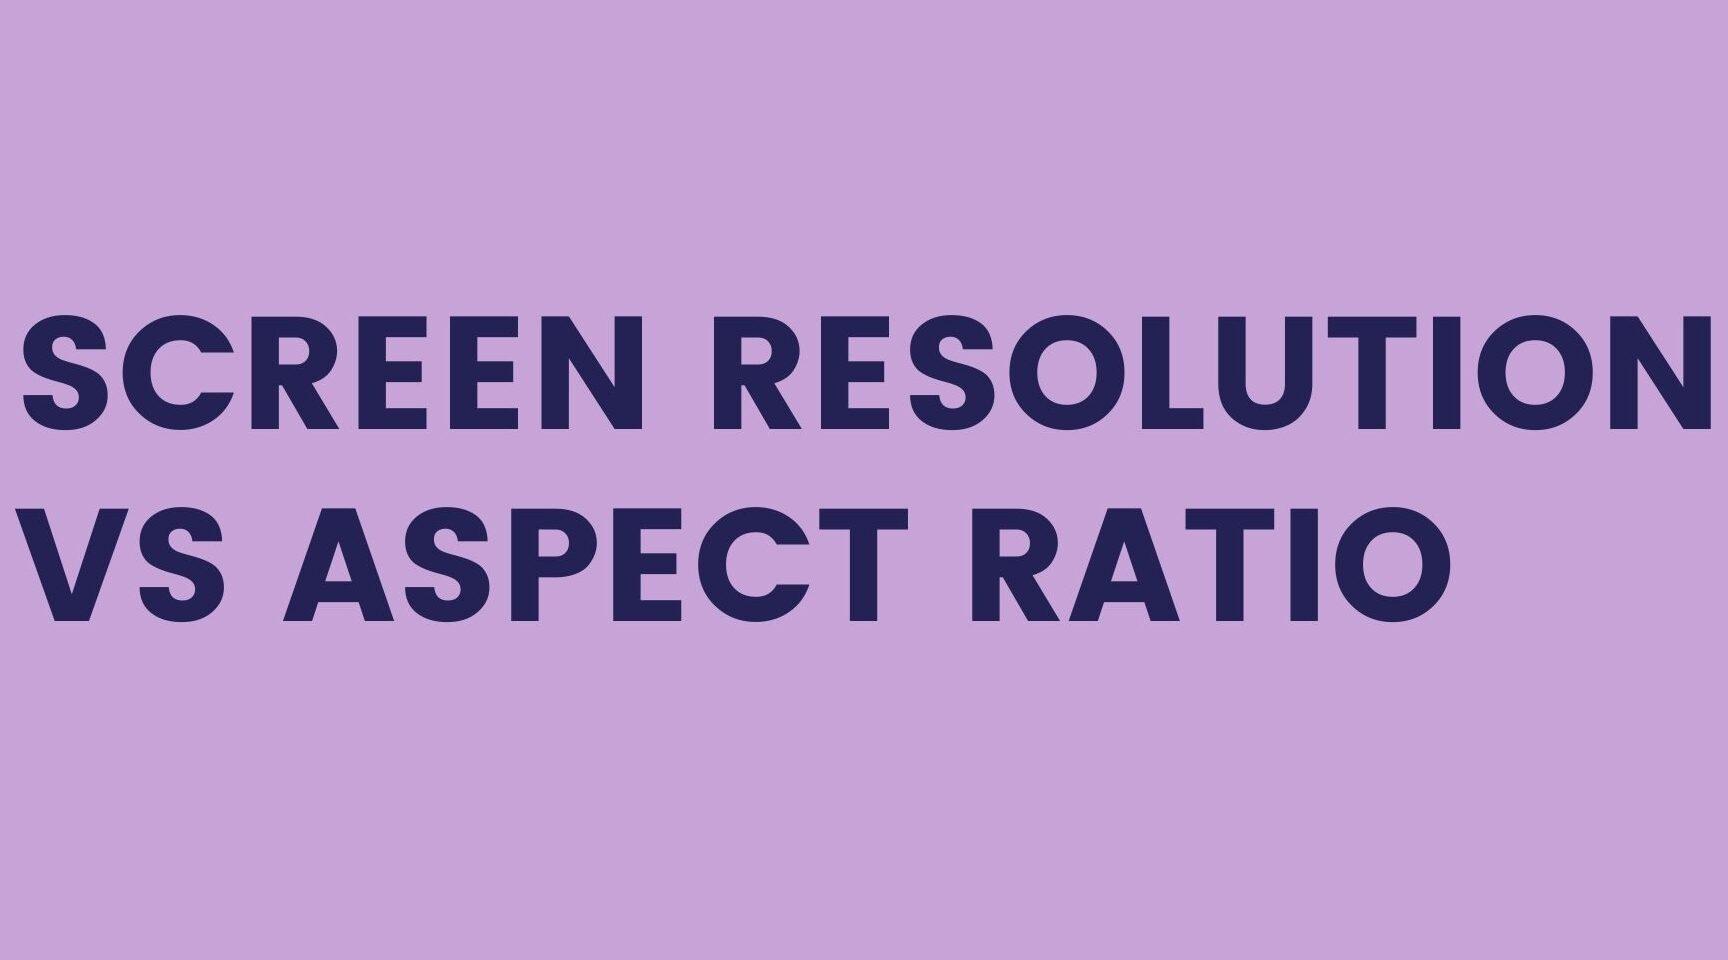 SCREEN RESOLUTION VS ASPECT RATIO